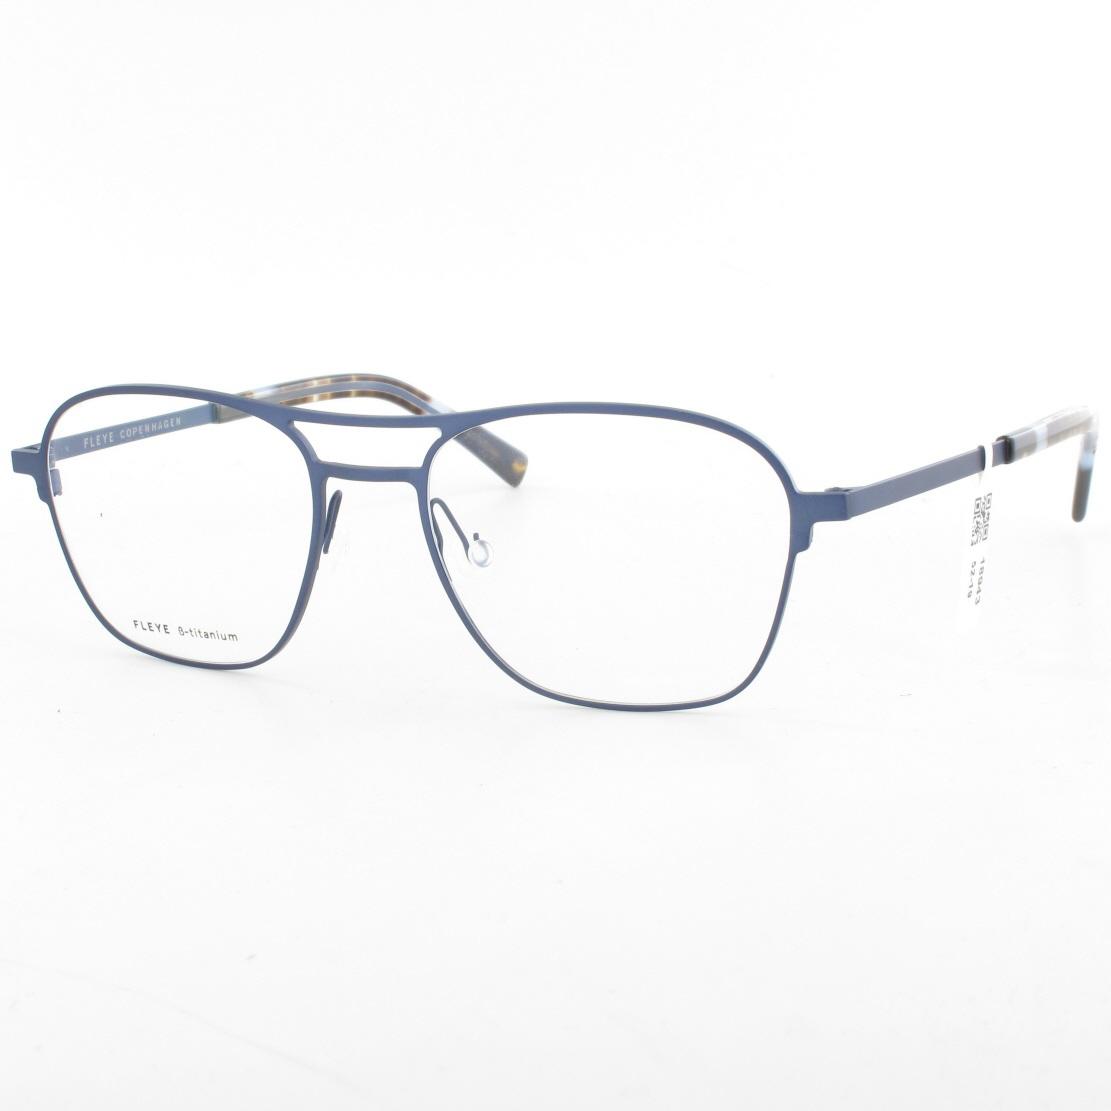 a620d780522f Brille nicht vorrätig